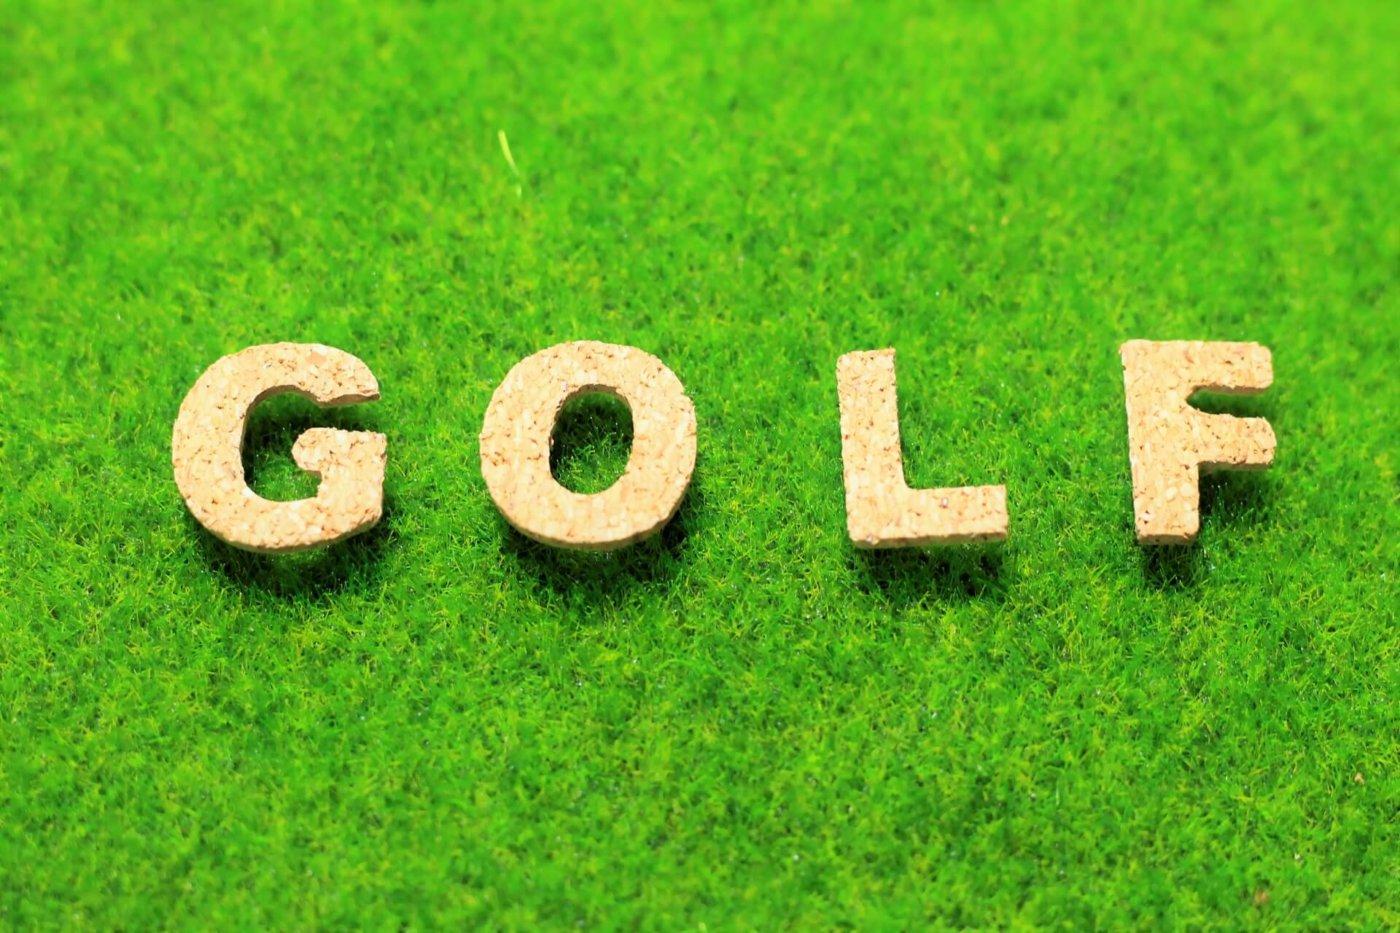 便利!面白い!ハマる!ゴルフライフを充実させる注目ゴルフアプリ